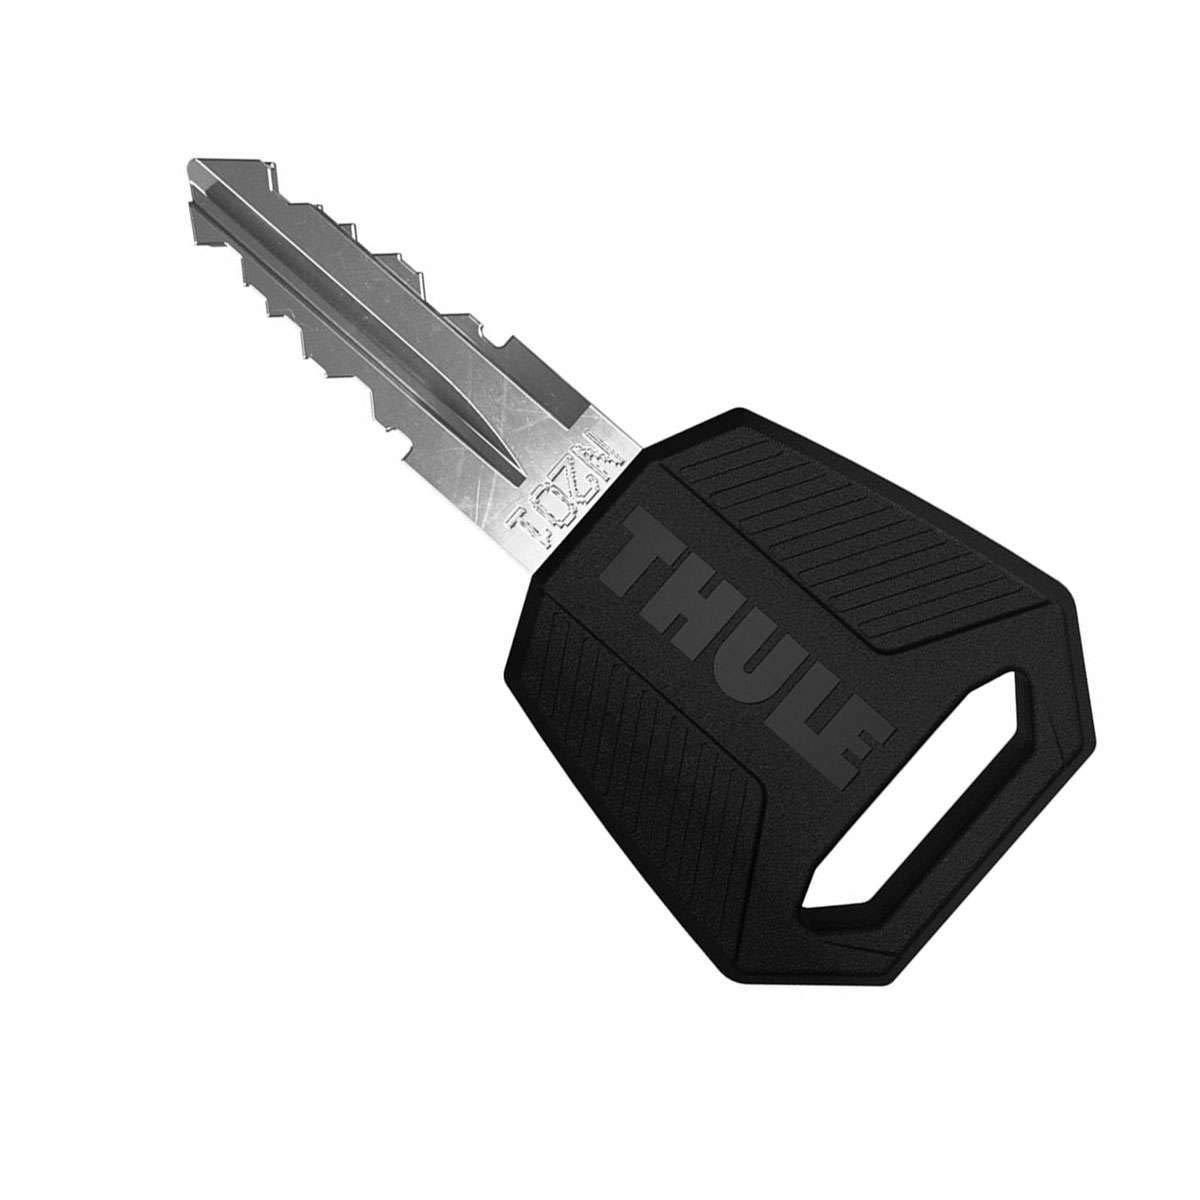 N213-1500000213 Thule Replacement Premium Key